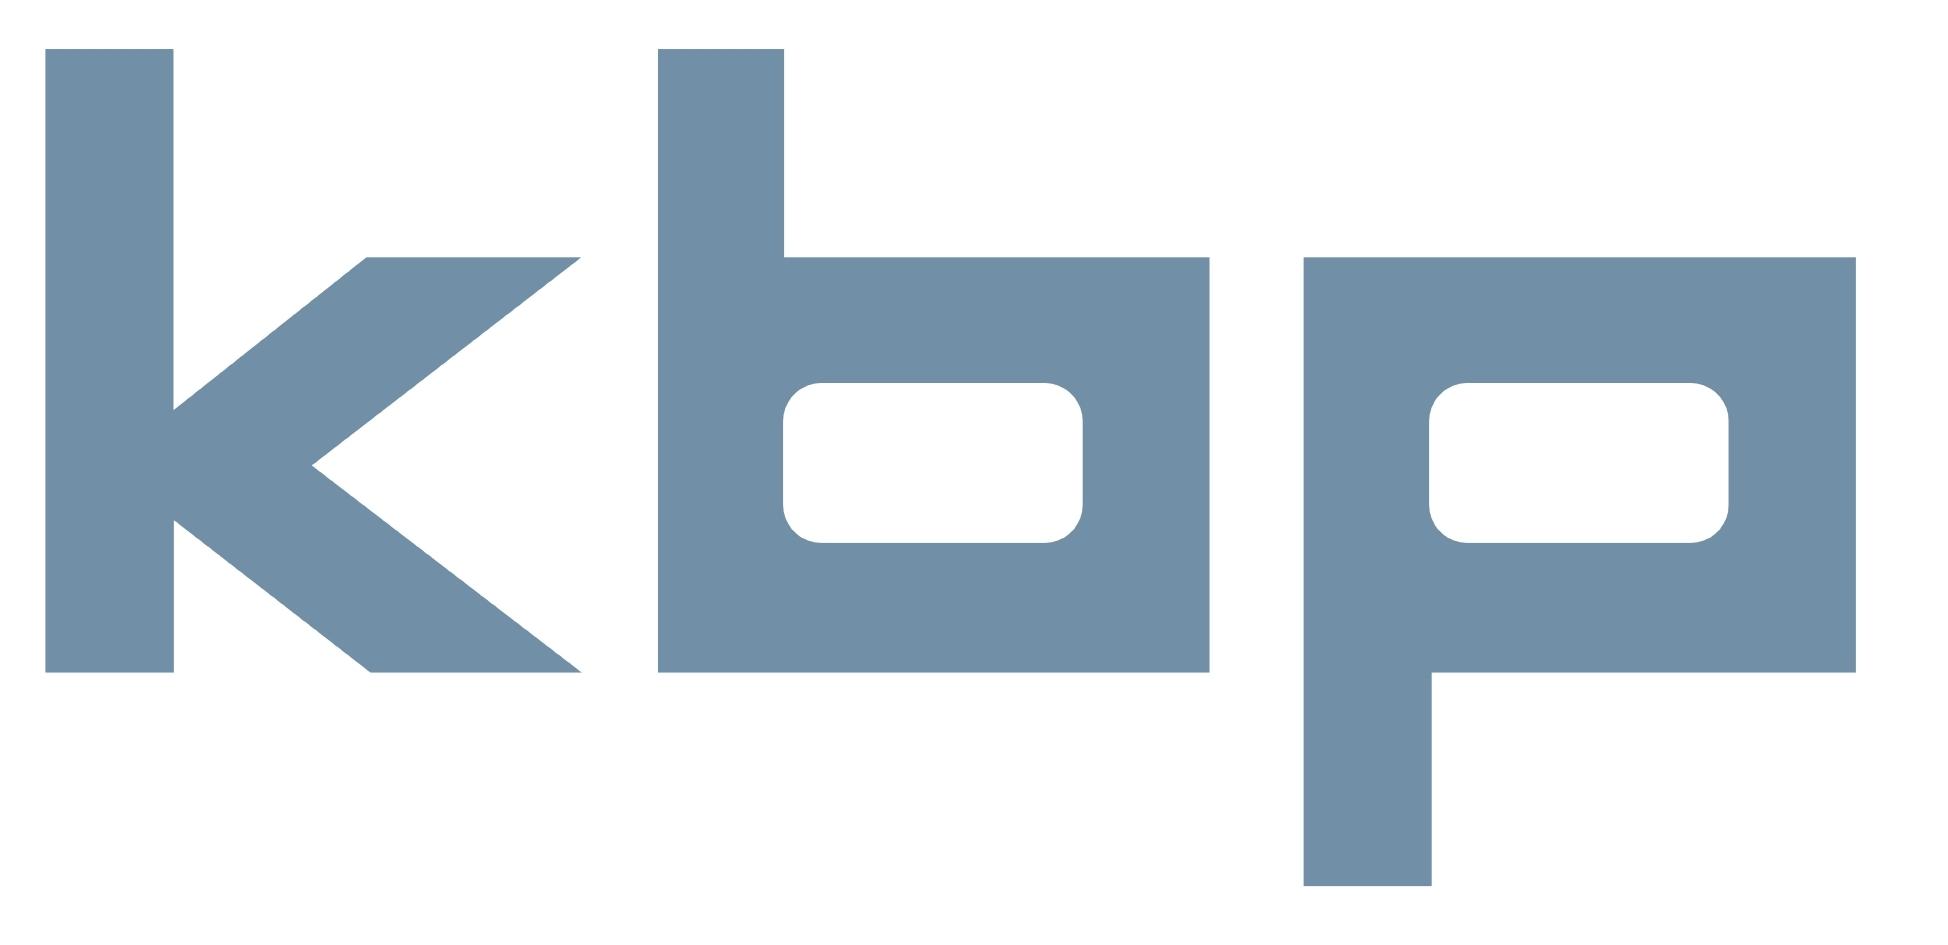 Kauer - Brodmeier - Peter Architekten & Ingenieure GmbH